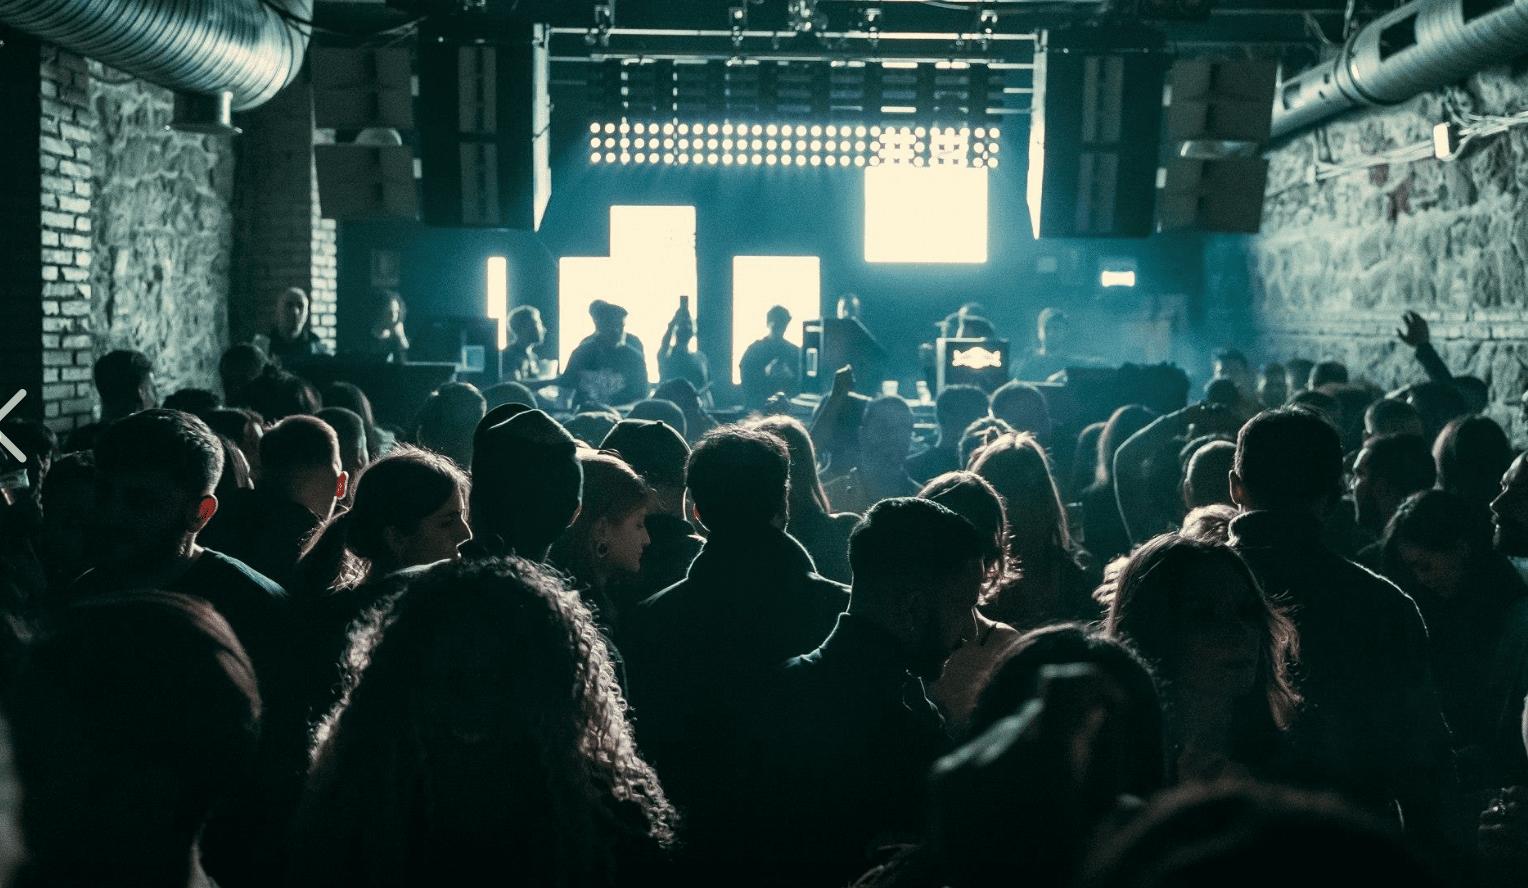 Circolo degli Illuminati is one of Rome's best electronica and techno clubs